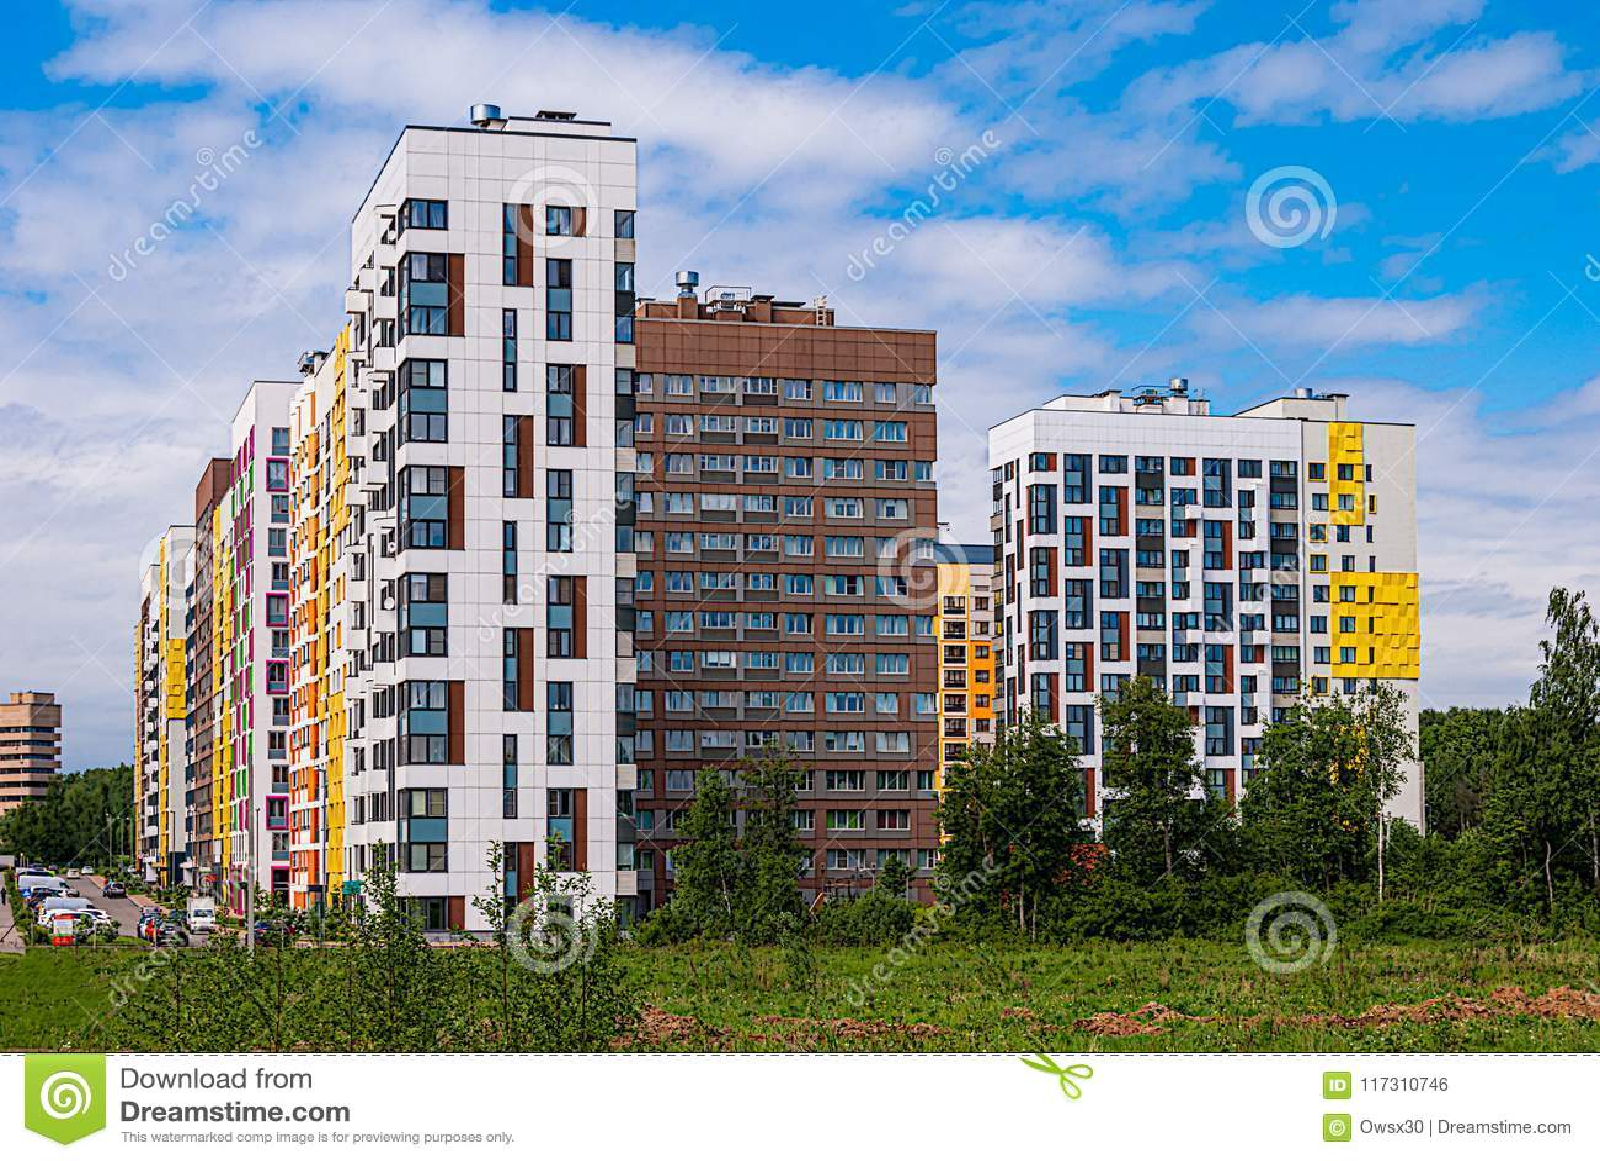 Complexo residencial moderno no fundo do céu azul Abriga a altura variável de 7 a 14 andares, construídos no ano recente